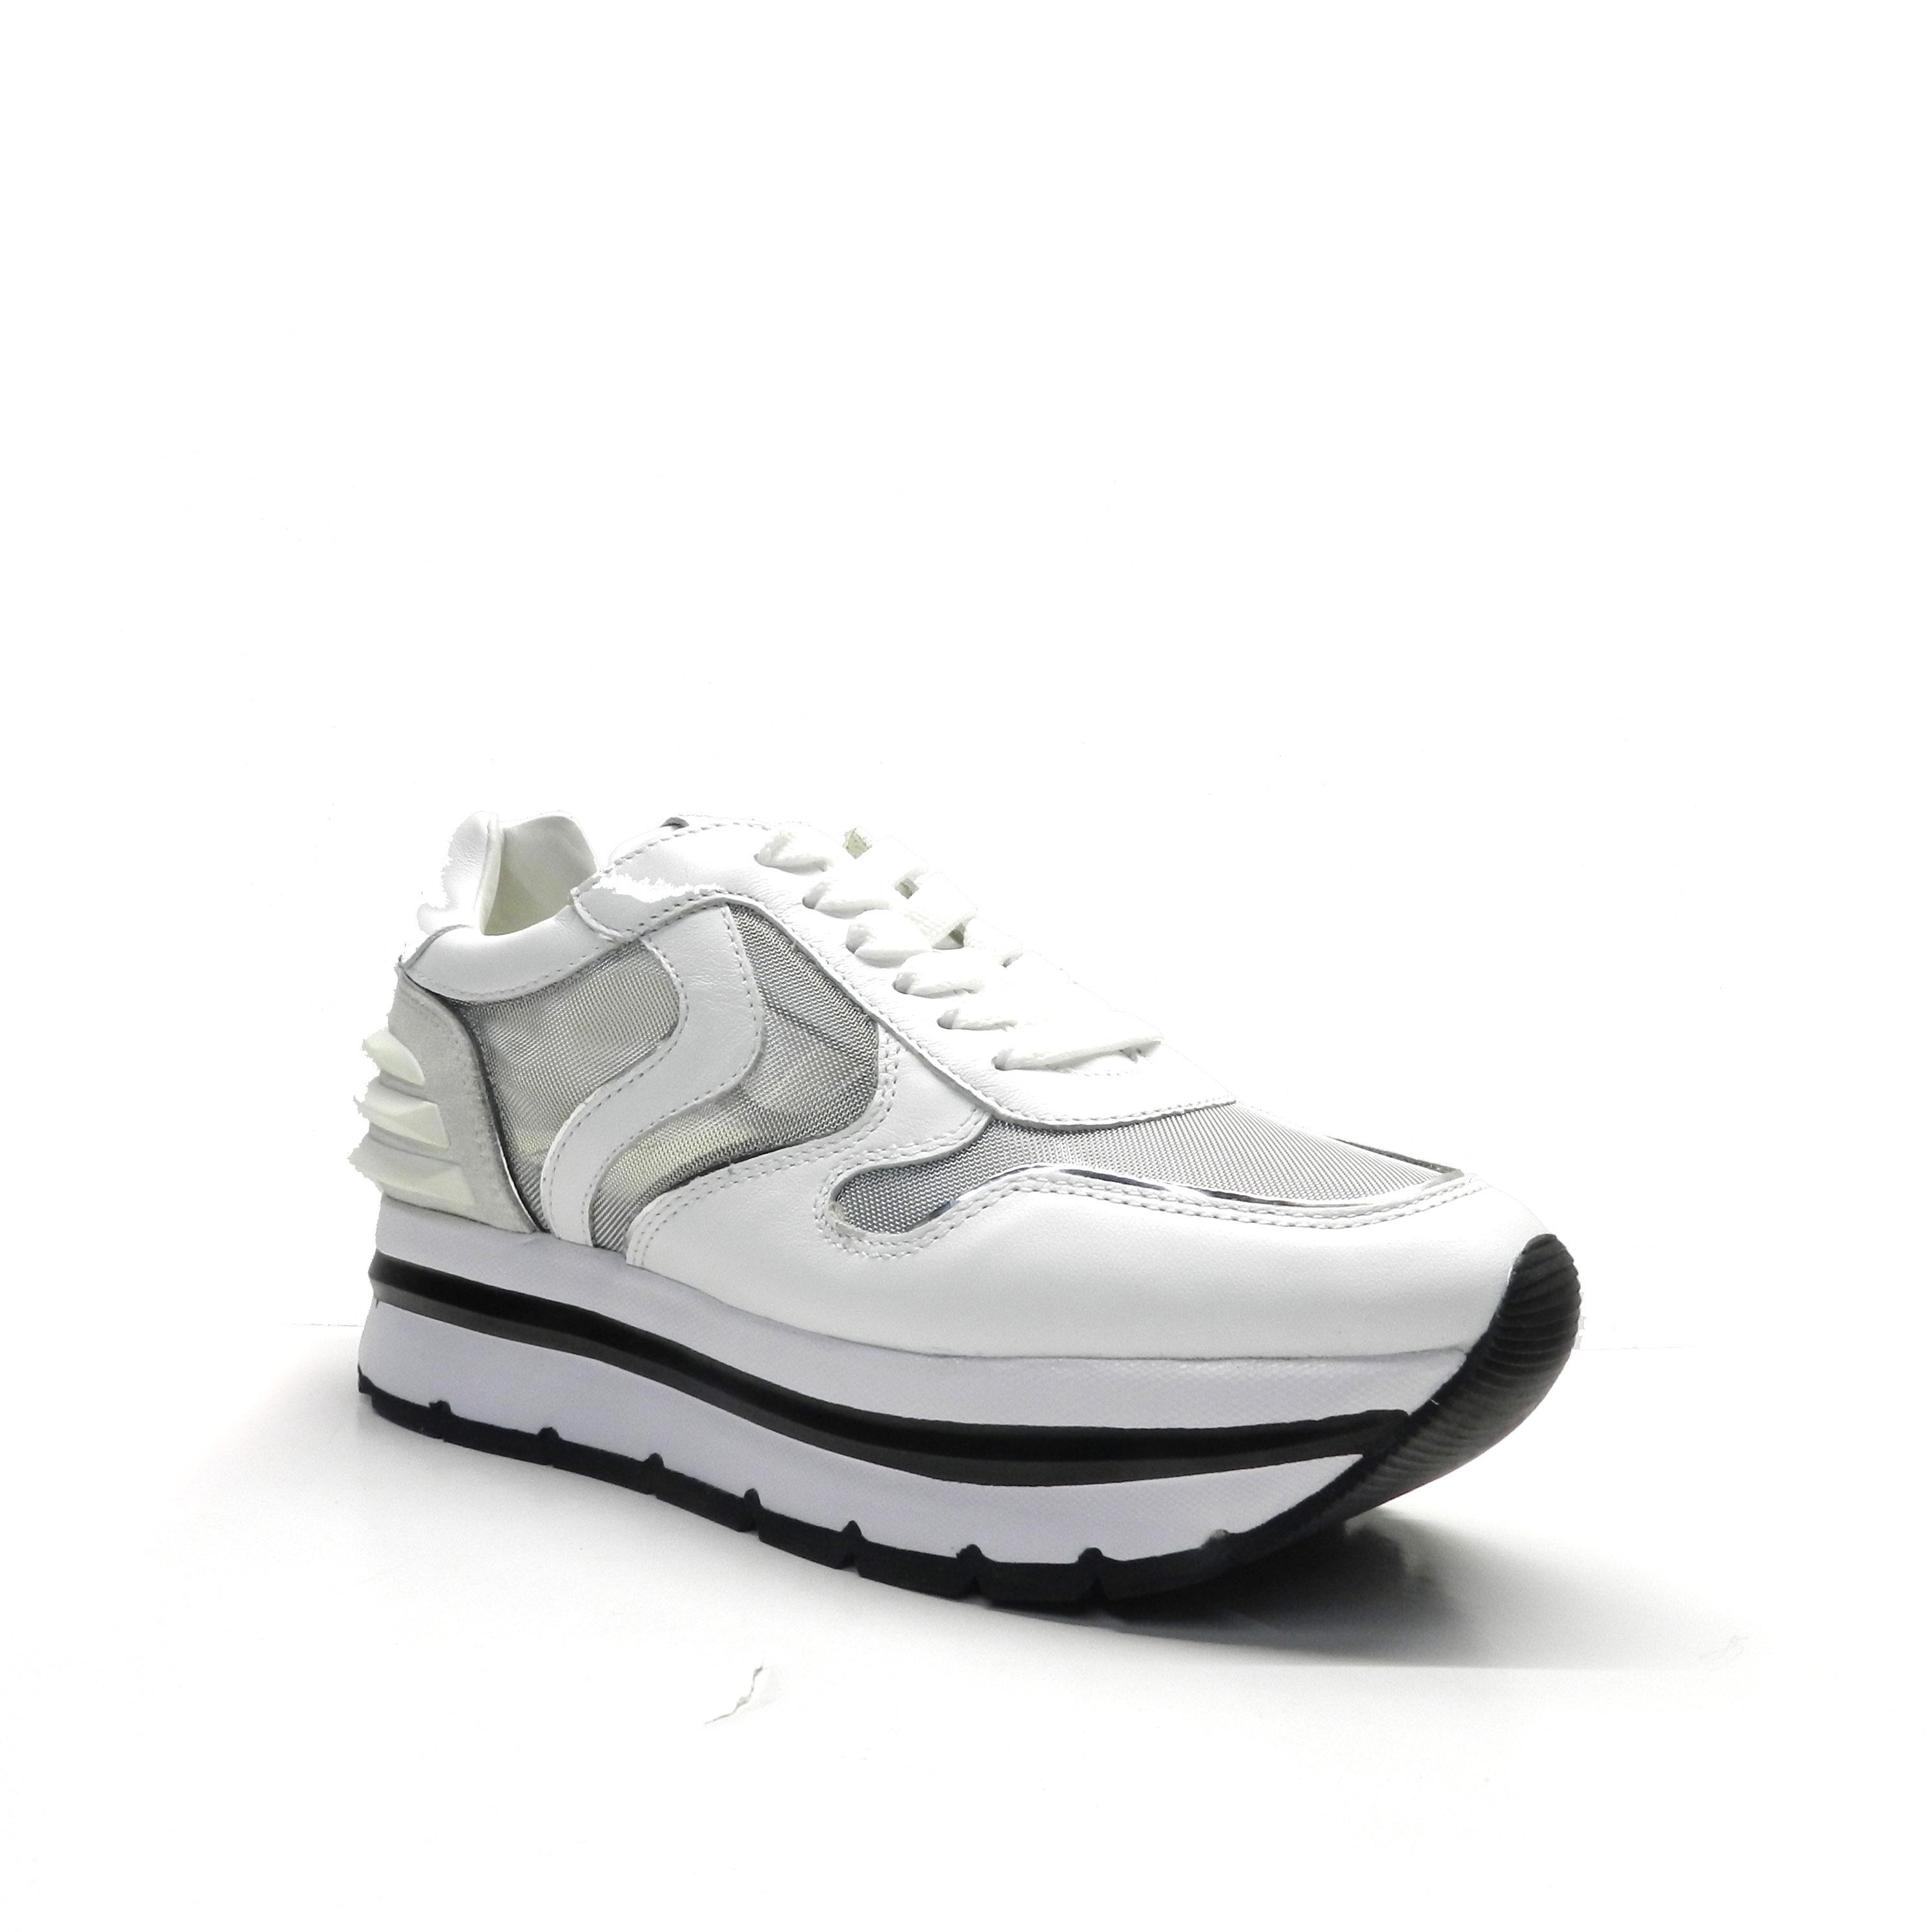 sneakers de cordones de napa y suela gruesa con raya.